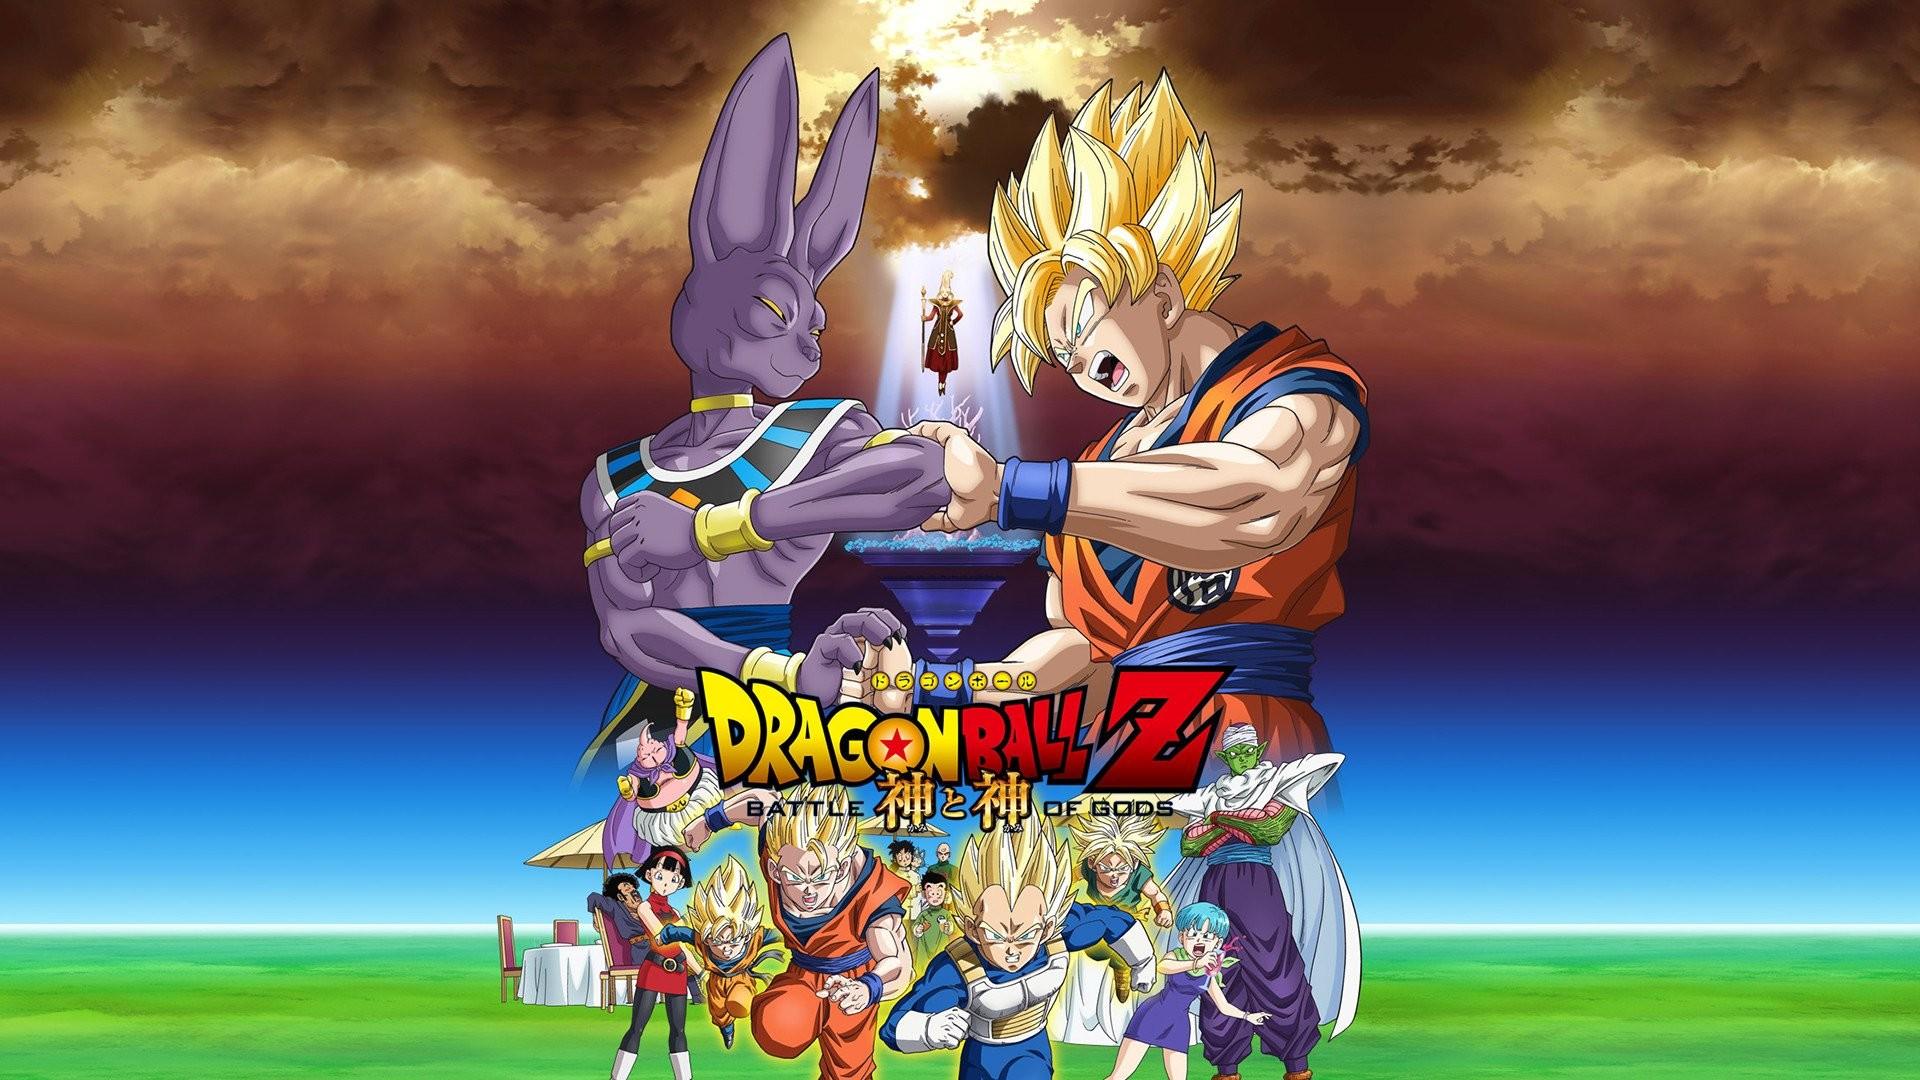 Fondo de pantalla HD | Fondo de Escritorio ID:329756. Anime Dragon  Ball Z. 267 Me Gusta. Favorito